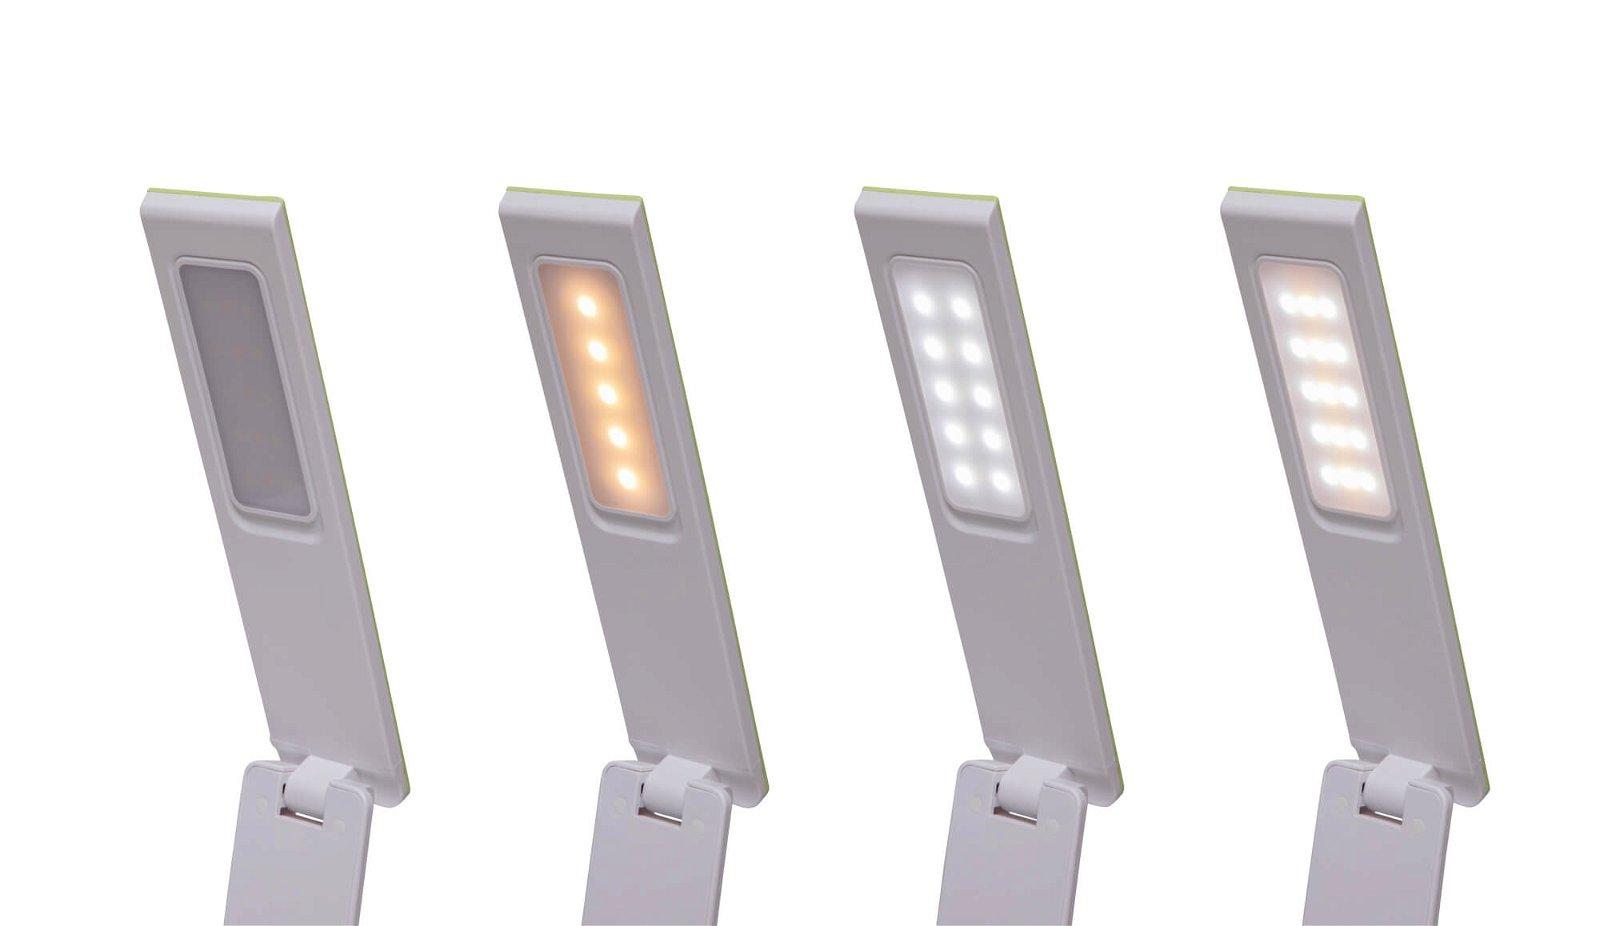 Akku LED-Leuchte MAULseven colour vario - lime